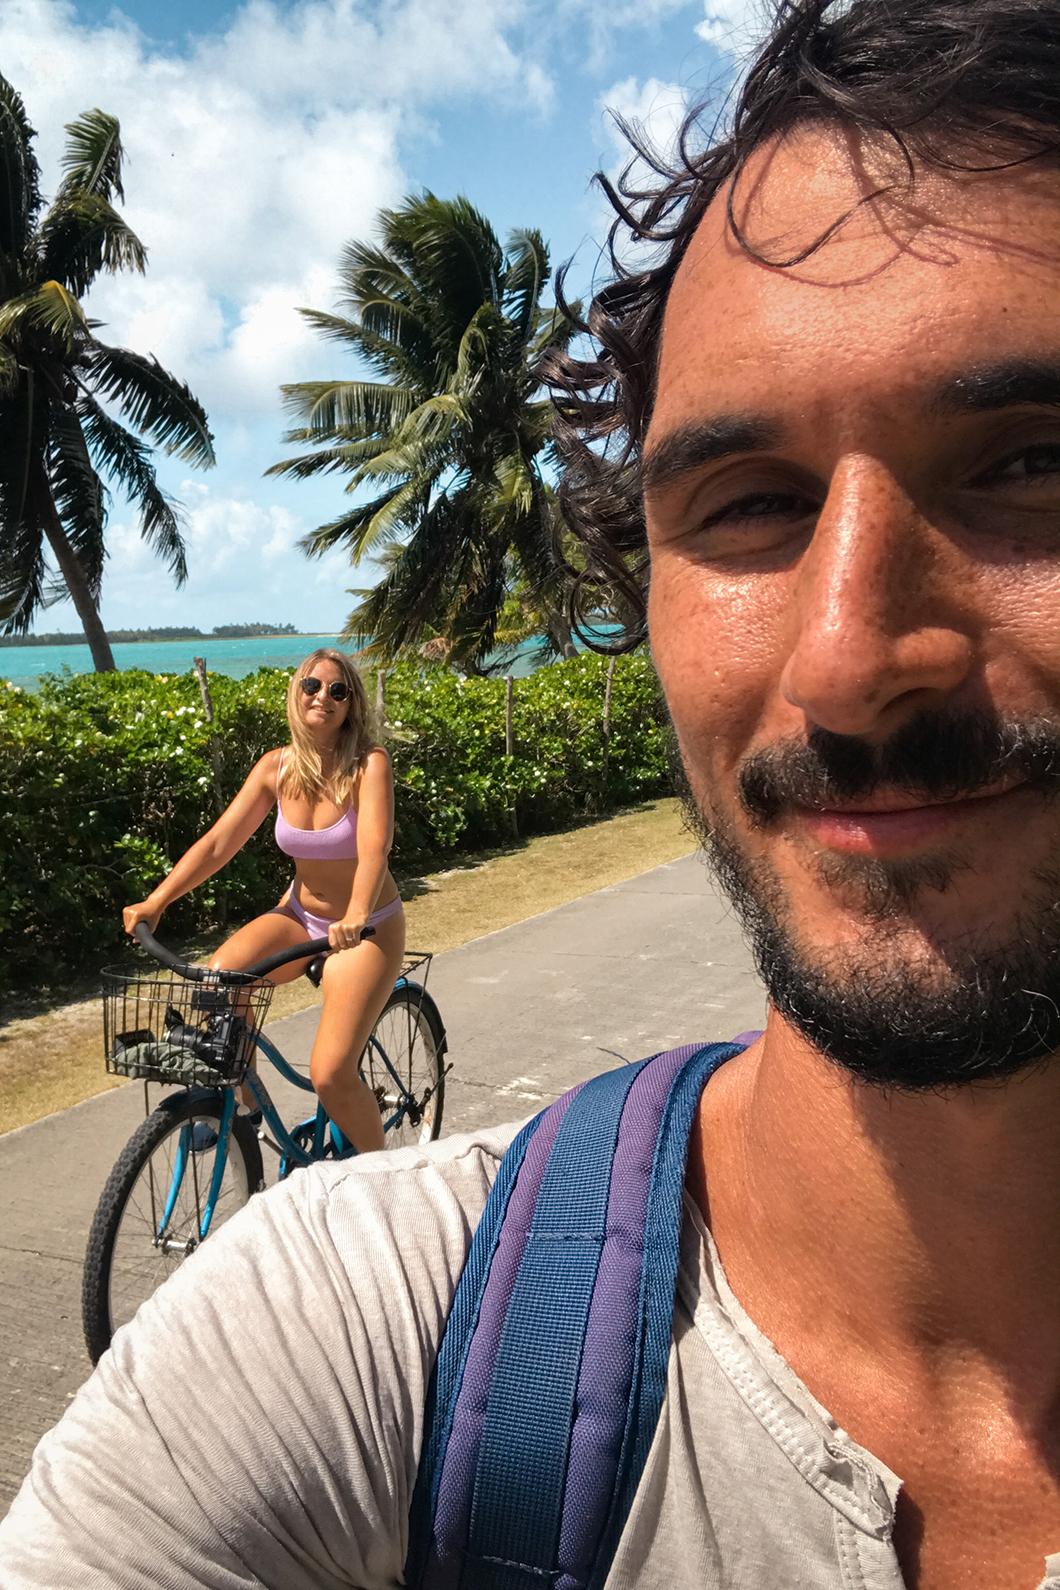 Louer des vélos à Maupiti en Polynésie Française